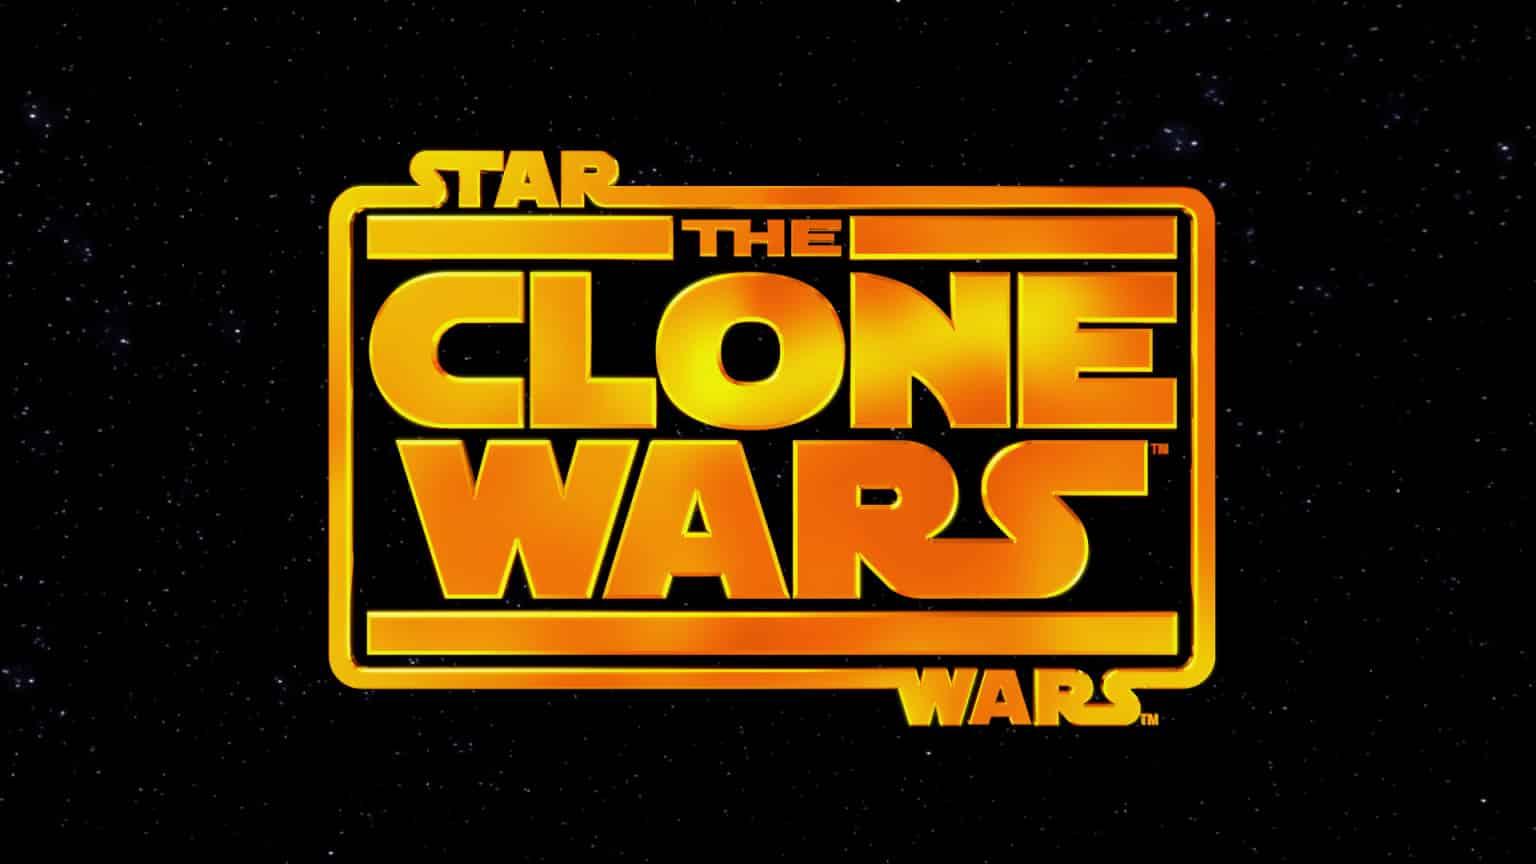 Es la evolución de Star Wars The CLone Wars